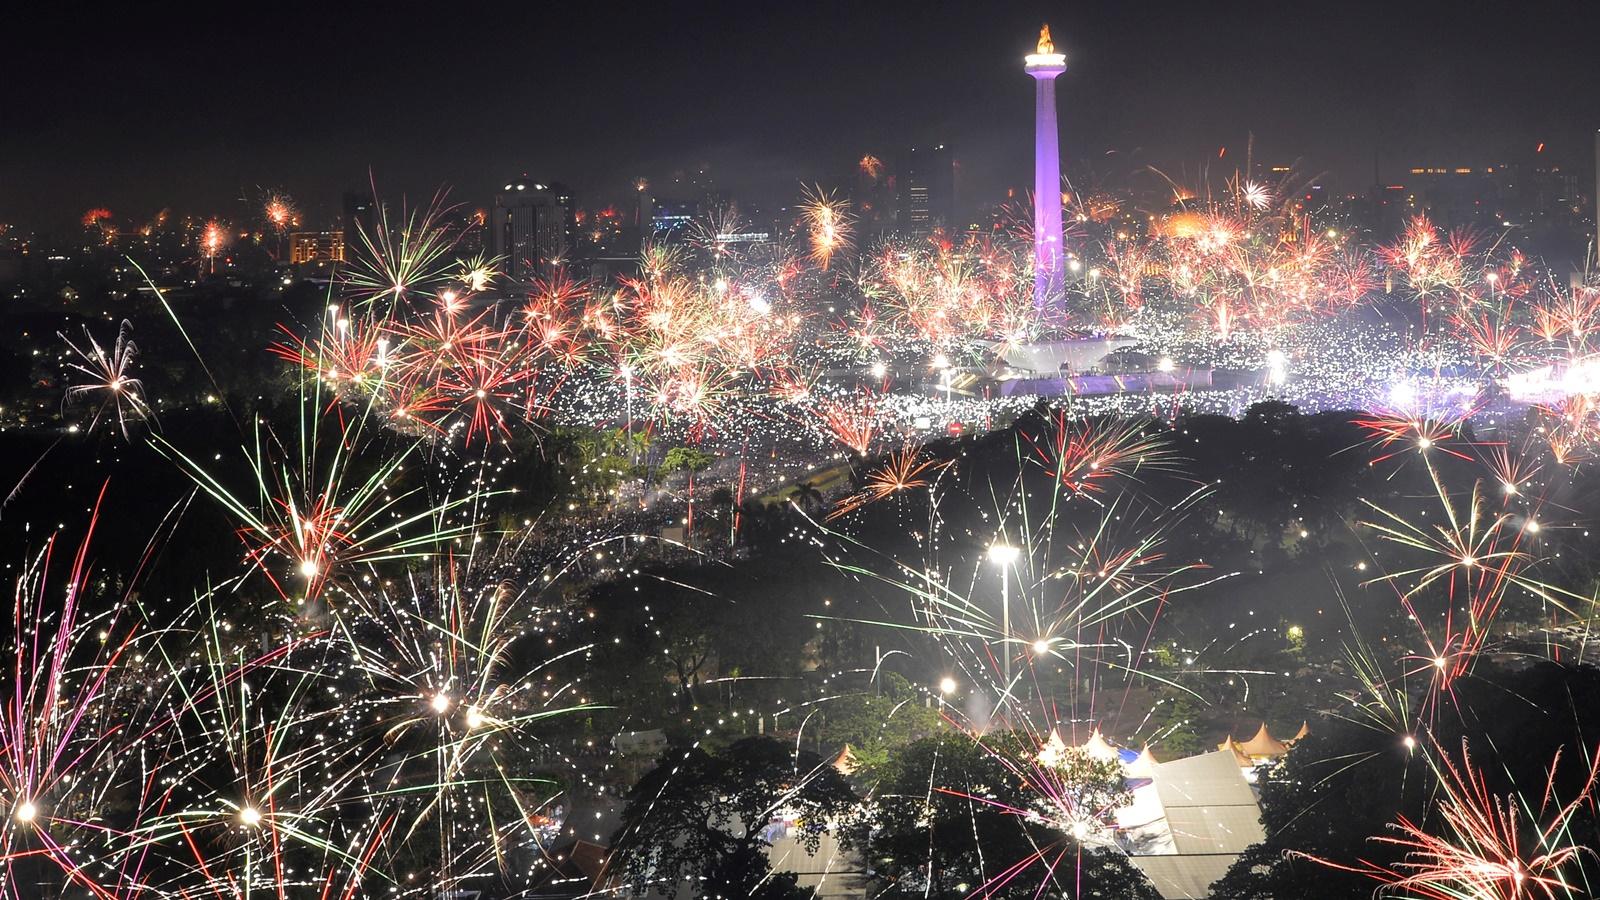 Negara Pertama dan Terakhir Rayakan Tahun Baru 2018? - Uzone